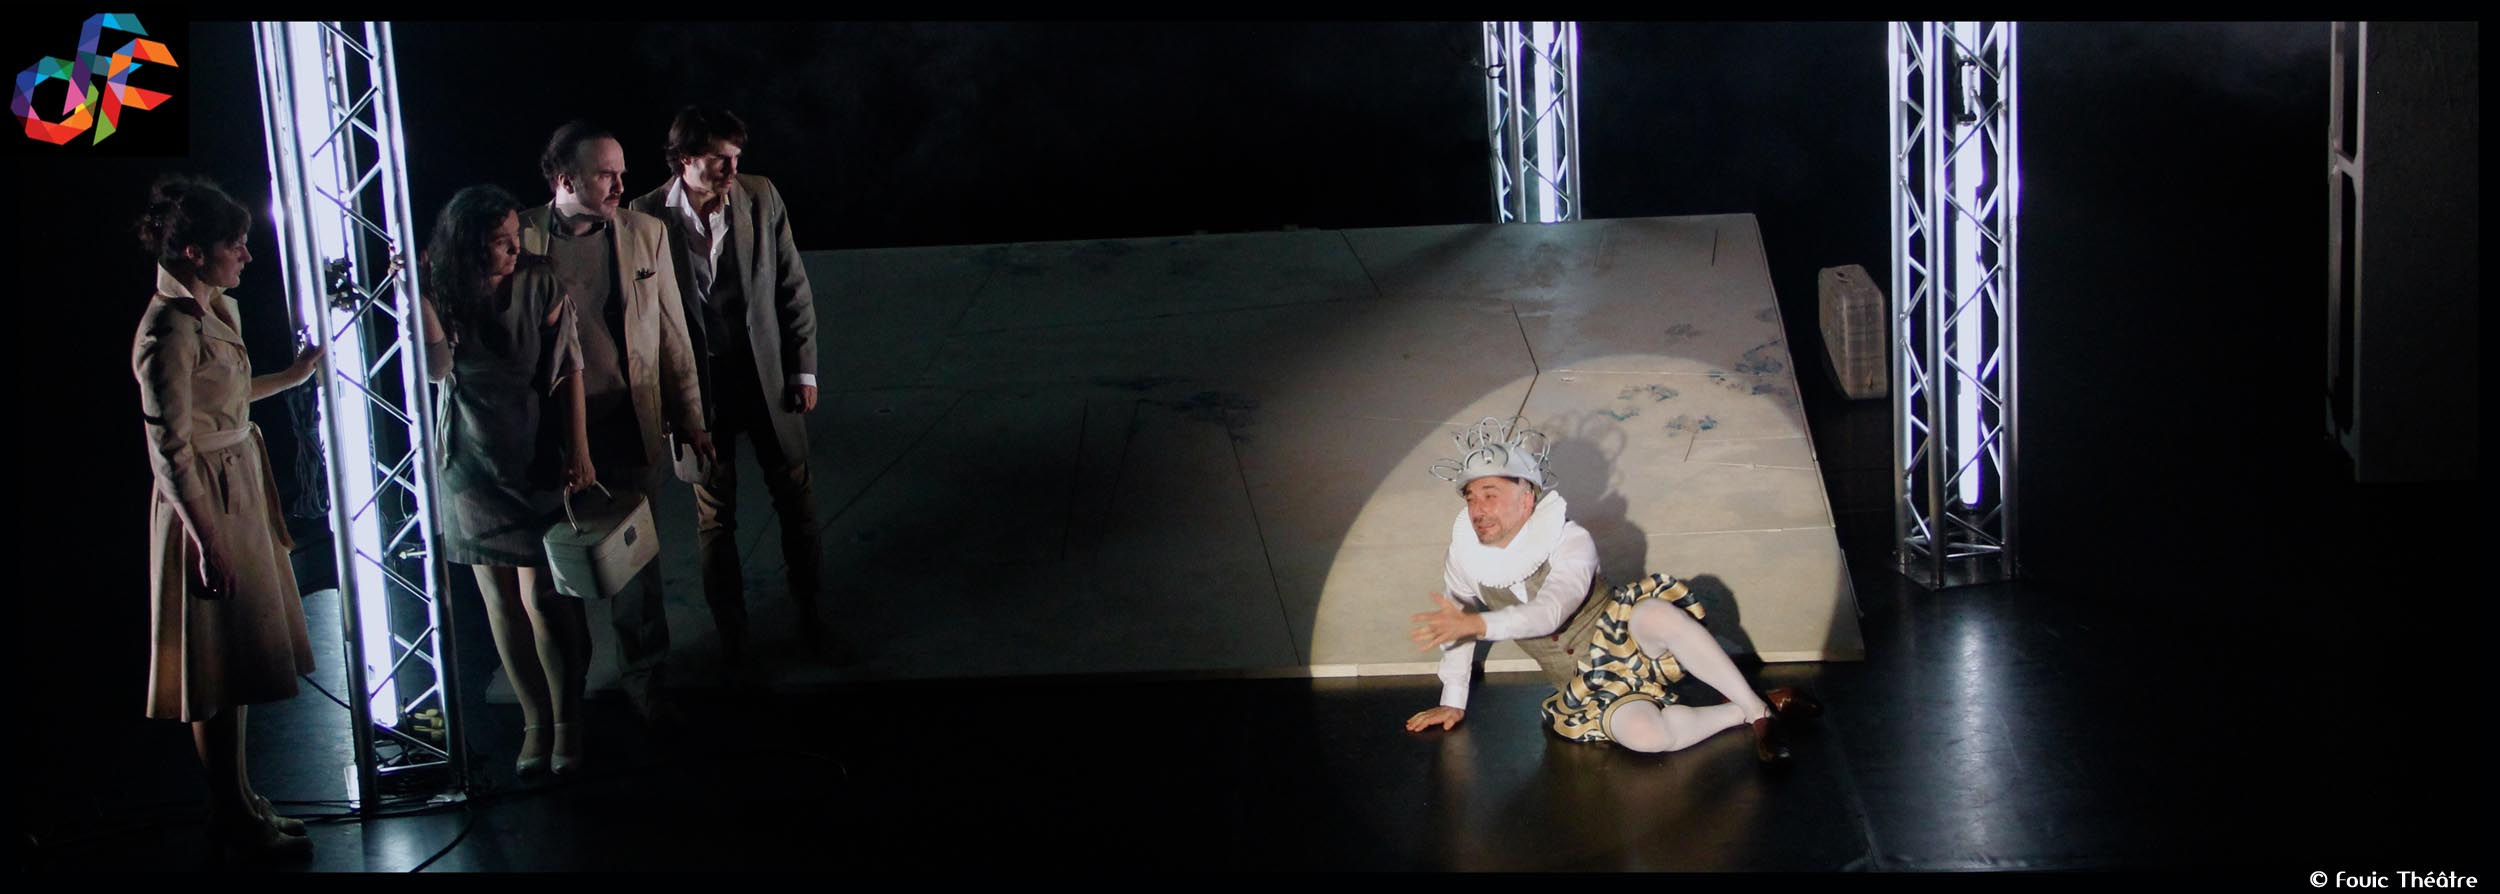 Couv_timeline_Avignon_©Fouic_Theatre_@loeildoliv